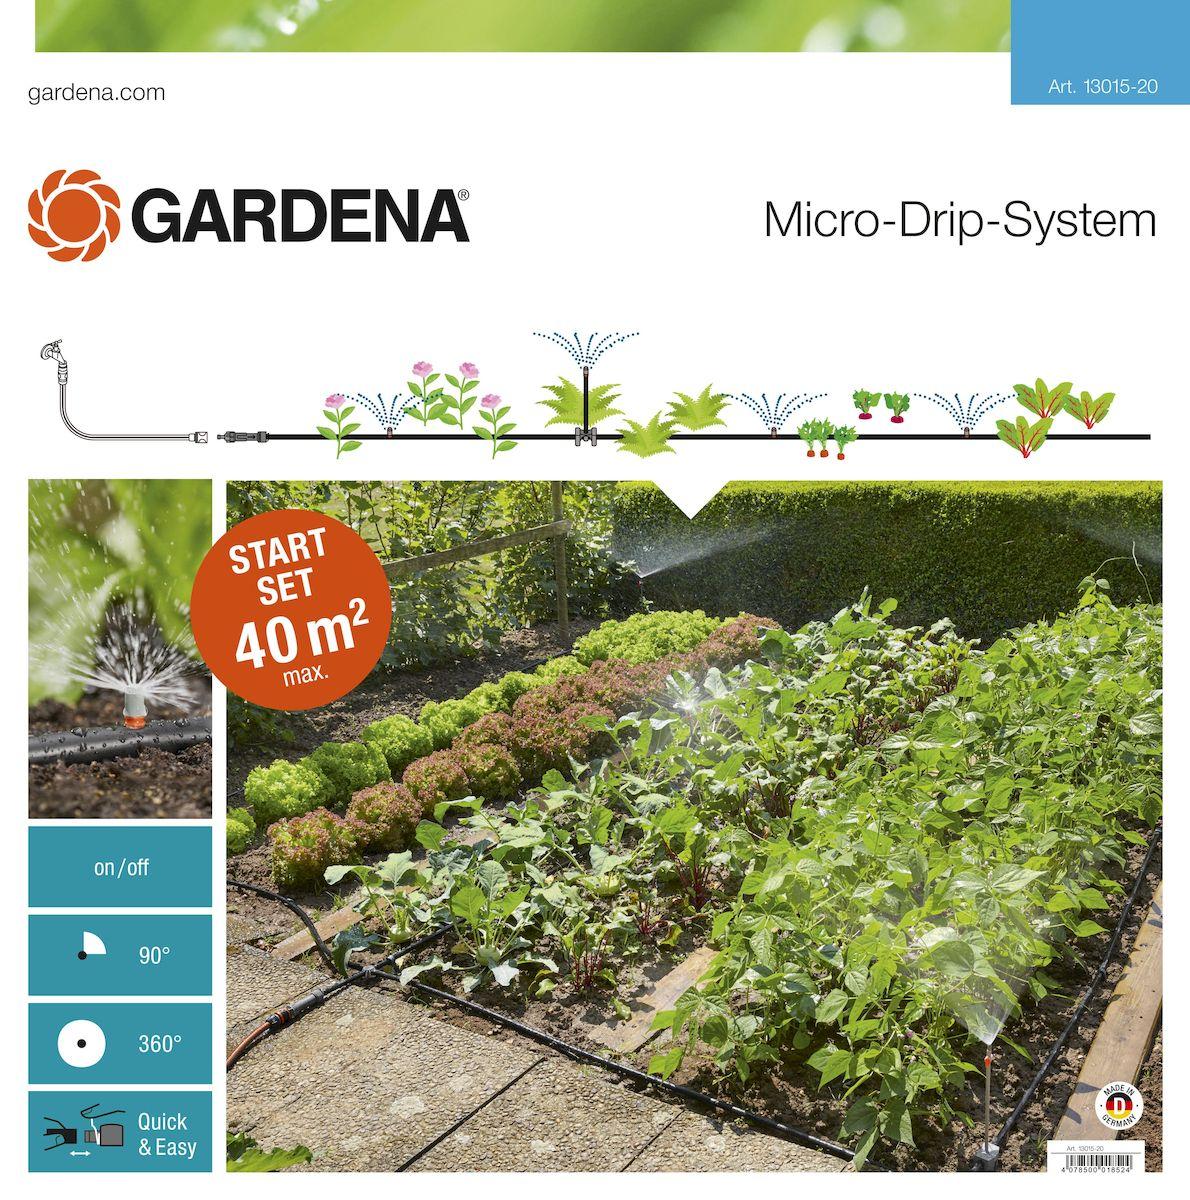 Шланг сочащийся Gardena с фитингами, 13 мм (1/2) х 40 м13015-20.000.00Шланг сочащийся Gardena является элементом системы микрокапельного полива Gardena и оптимально подходит для полива грядок площадью до 40 м2. Наличие распыляющих микронасадок позволяет бережно поливать рассаду и капризные растения. В комплекте: - мастер блок 1000; - магистральный шланг 25 м; - микронасадка 90°, 4шт; - микронасадка 360°;- надставка для микронасадки, 5 шт; - запорных кран, 5 шт; - L-образный соединитель 13 мм (1/2), 2 шт; - крестовина 13 мм (1/2);- направляющие 13 мм (1/2), 5 шт; - заглушка 13 мм (1/2), 3 шт; - колышки для крепления шлангов 13 мм (1/2), 10 шт; - инструмент для сборки. Благодаря запатентованной технологии быстрого подсоединения Quick & Easy, все элементы легко соединяются и разъединяются.